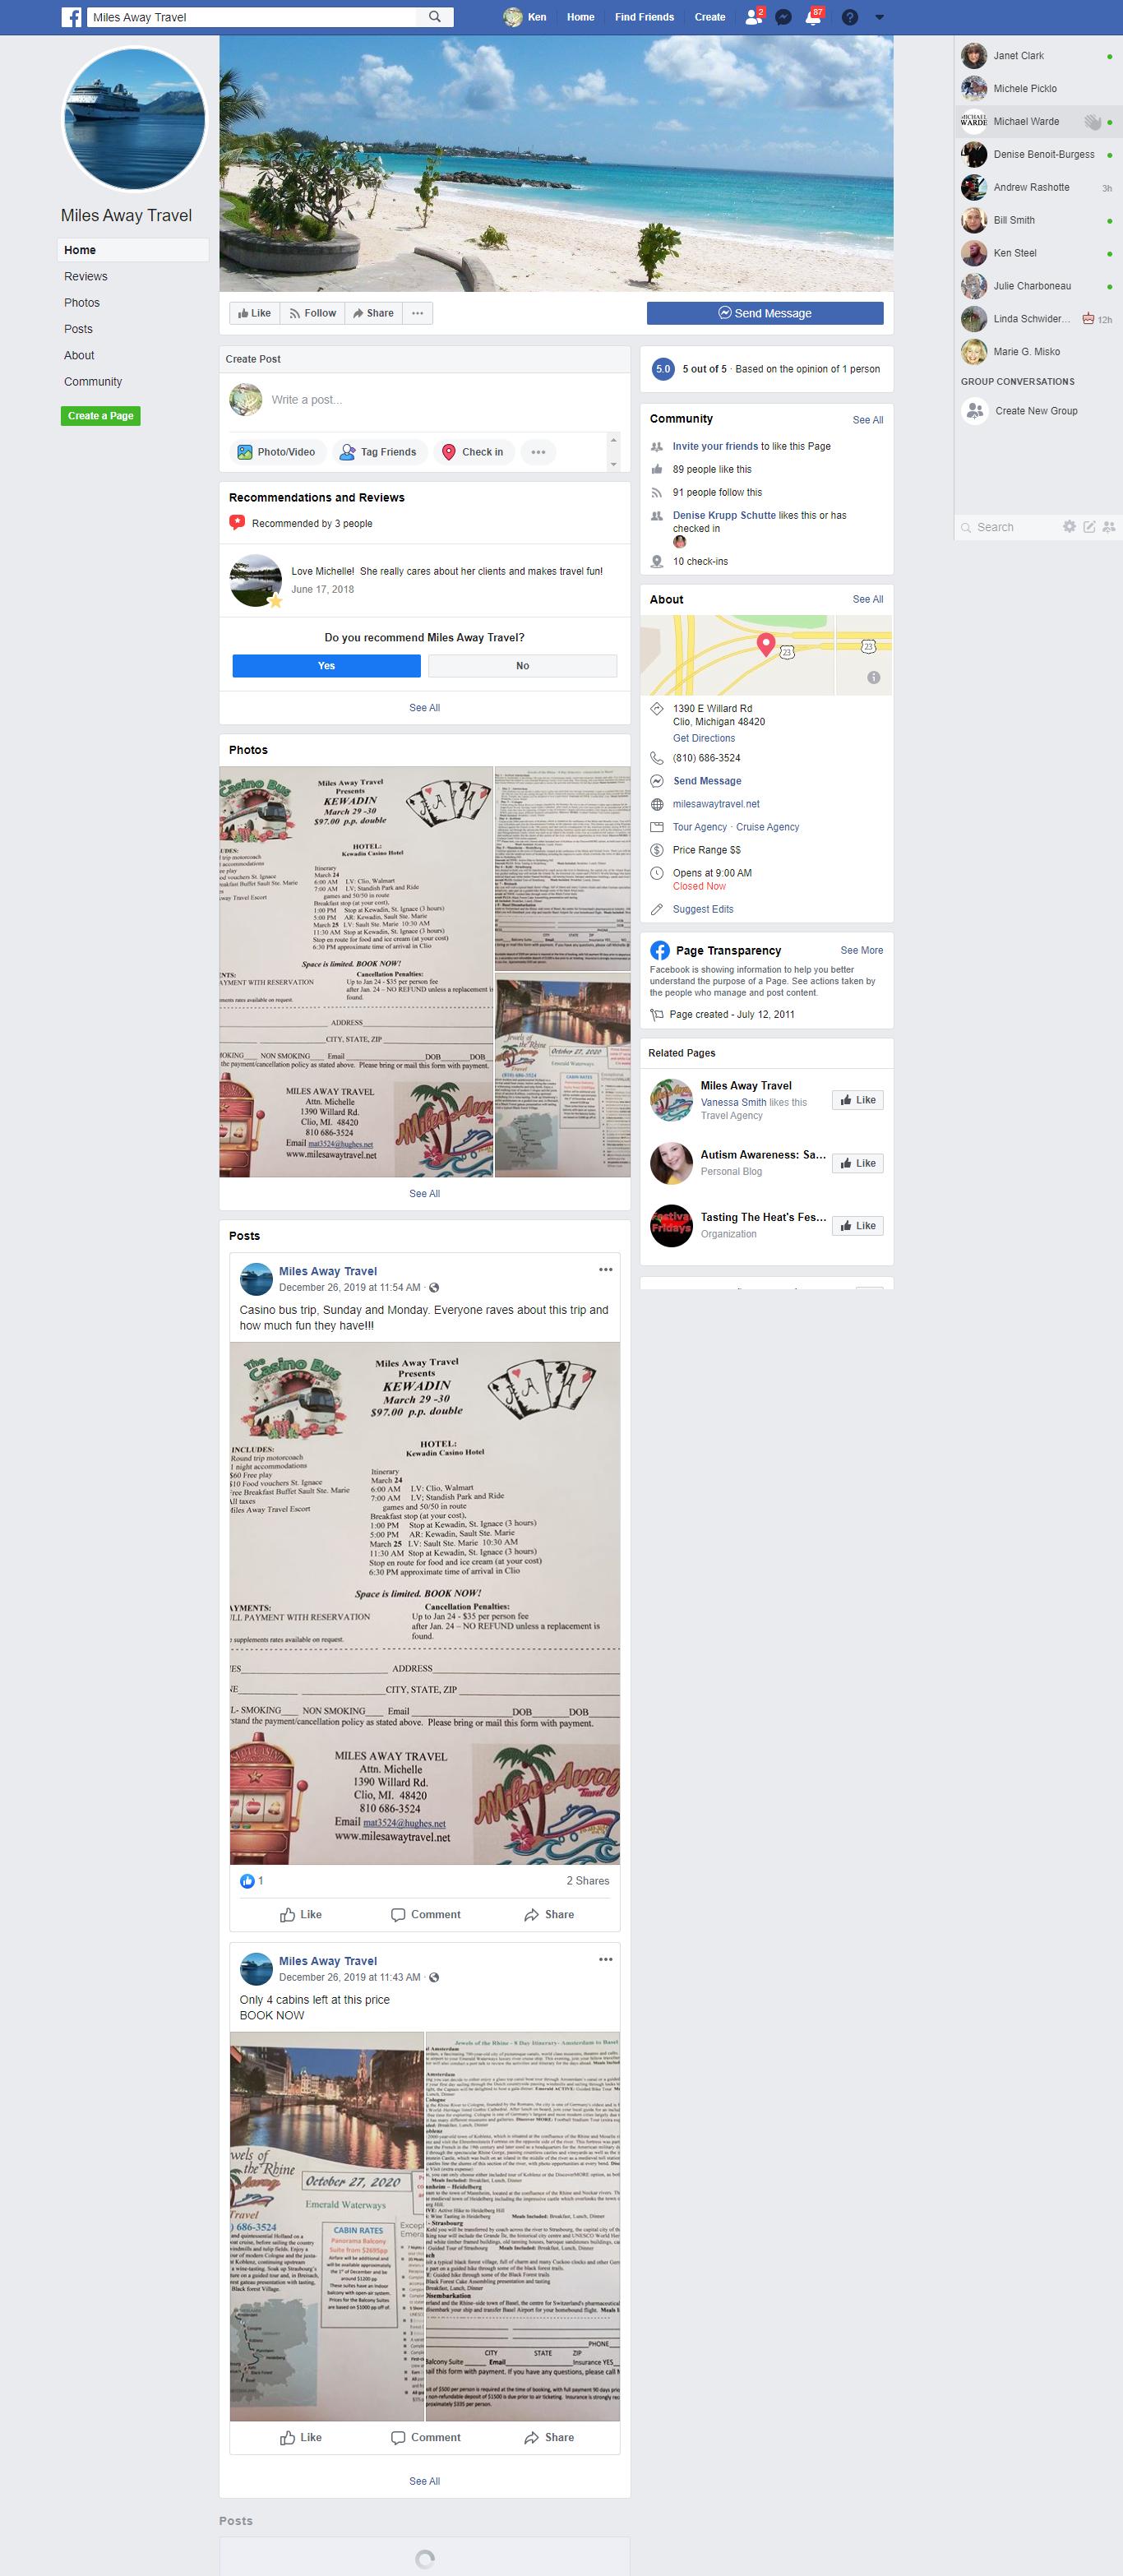 Clio facebook